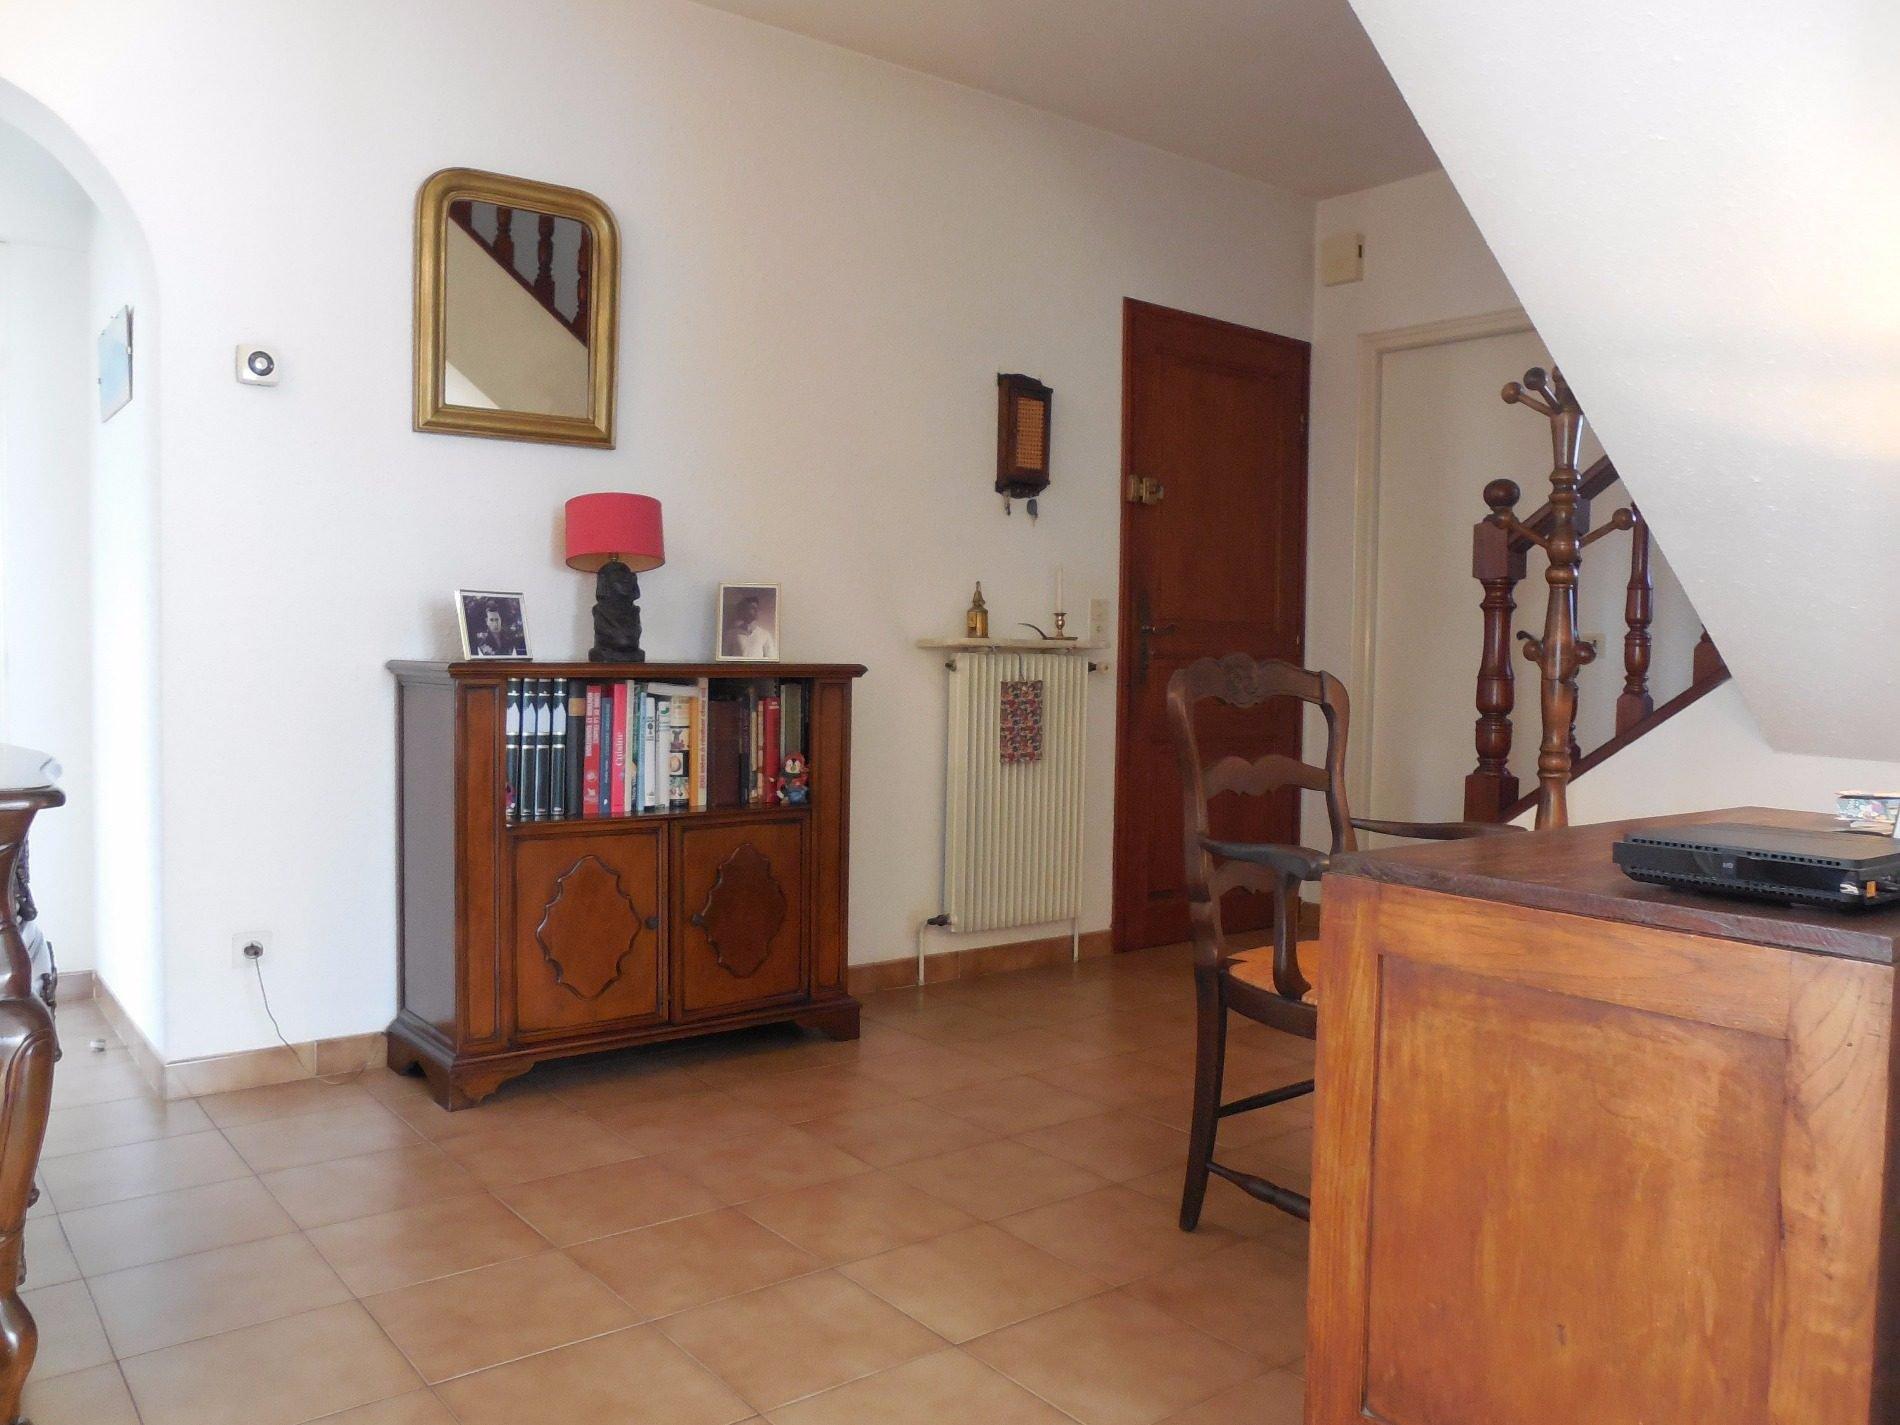 A Vendre Perpignan quartier Clos-Banet, spacieuse maison de 175m² hab. sur 400m² de terrain, garage de 30m². 2